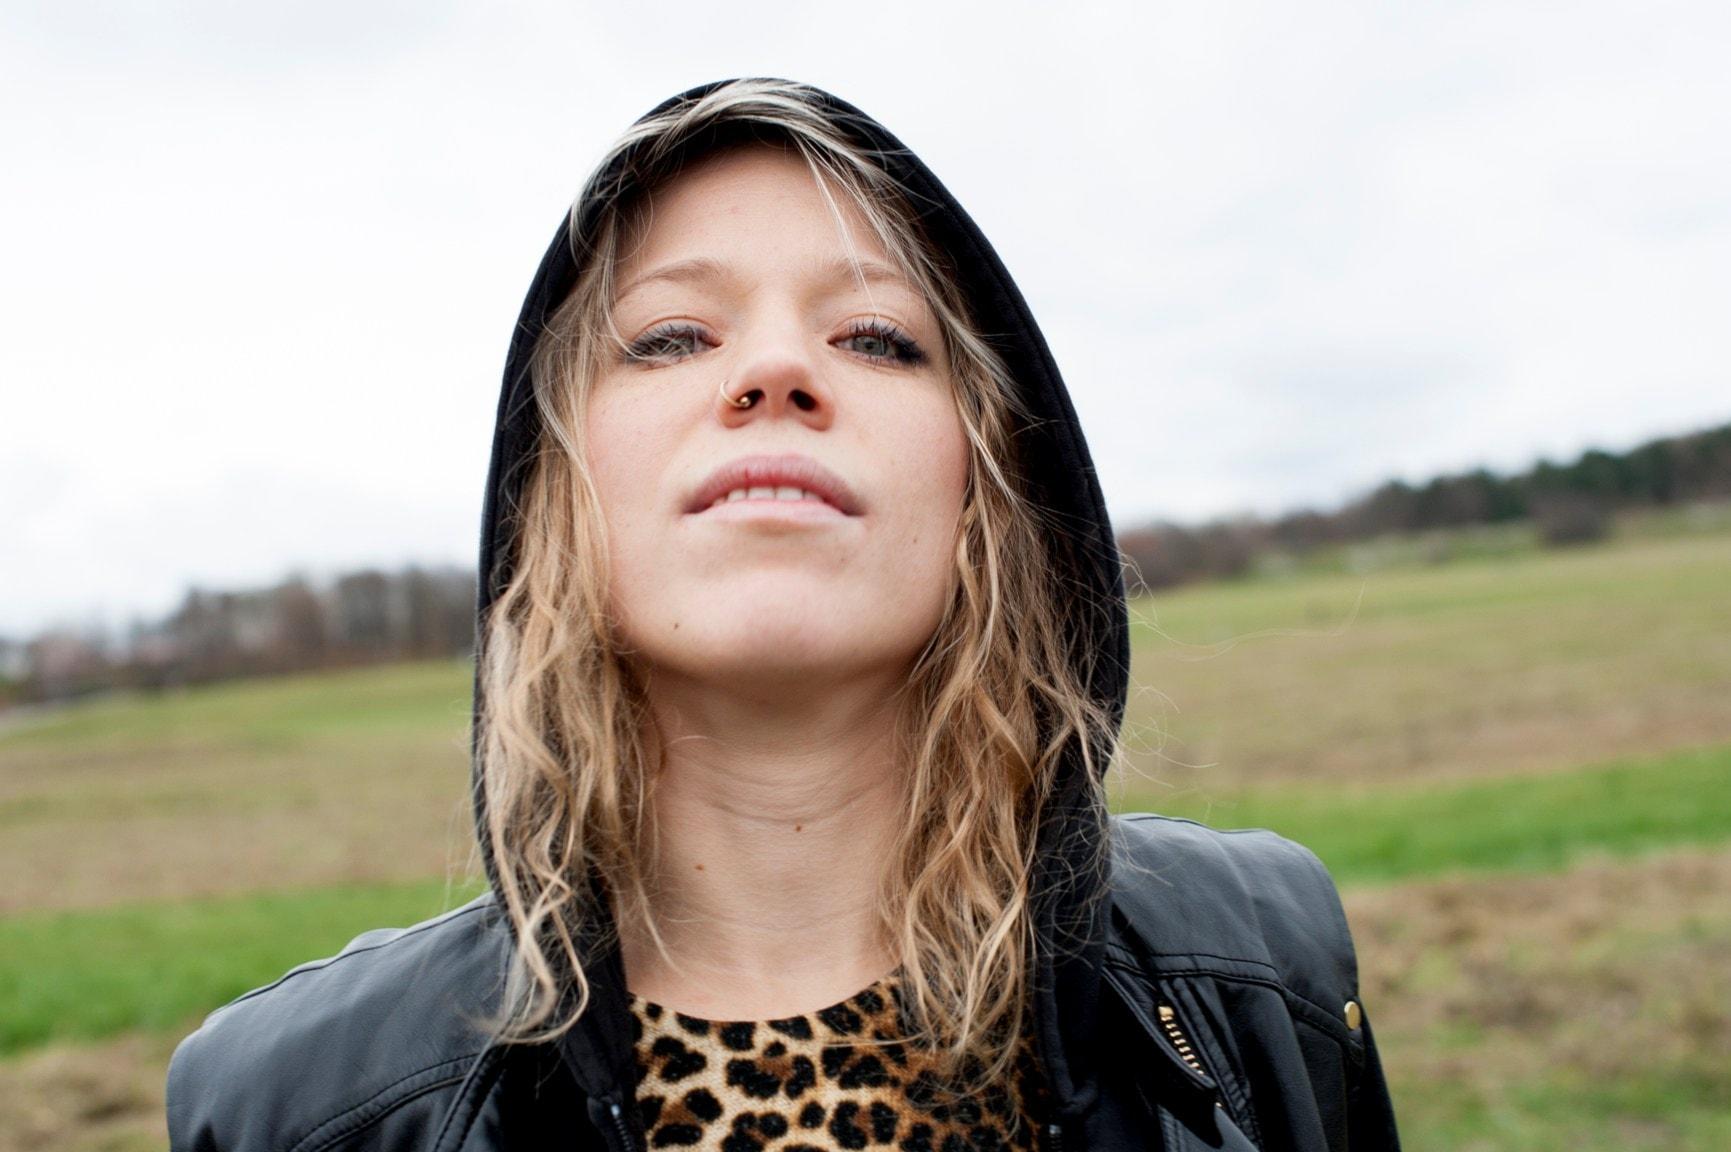 Nominerad till Sveriges Radios Novellpris. Hjälten Josef Schultz på fotografiet av Olivia Bergdahl i uppläsning av Tomas von Brömssen.